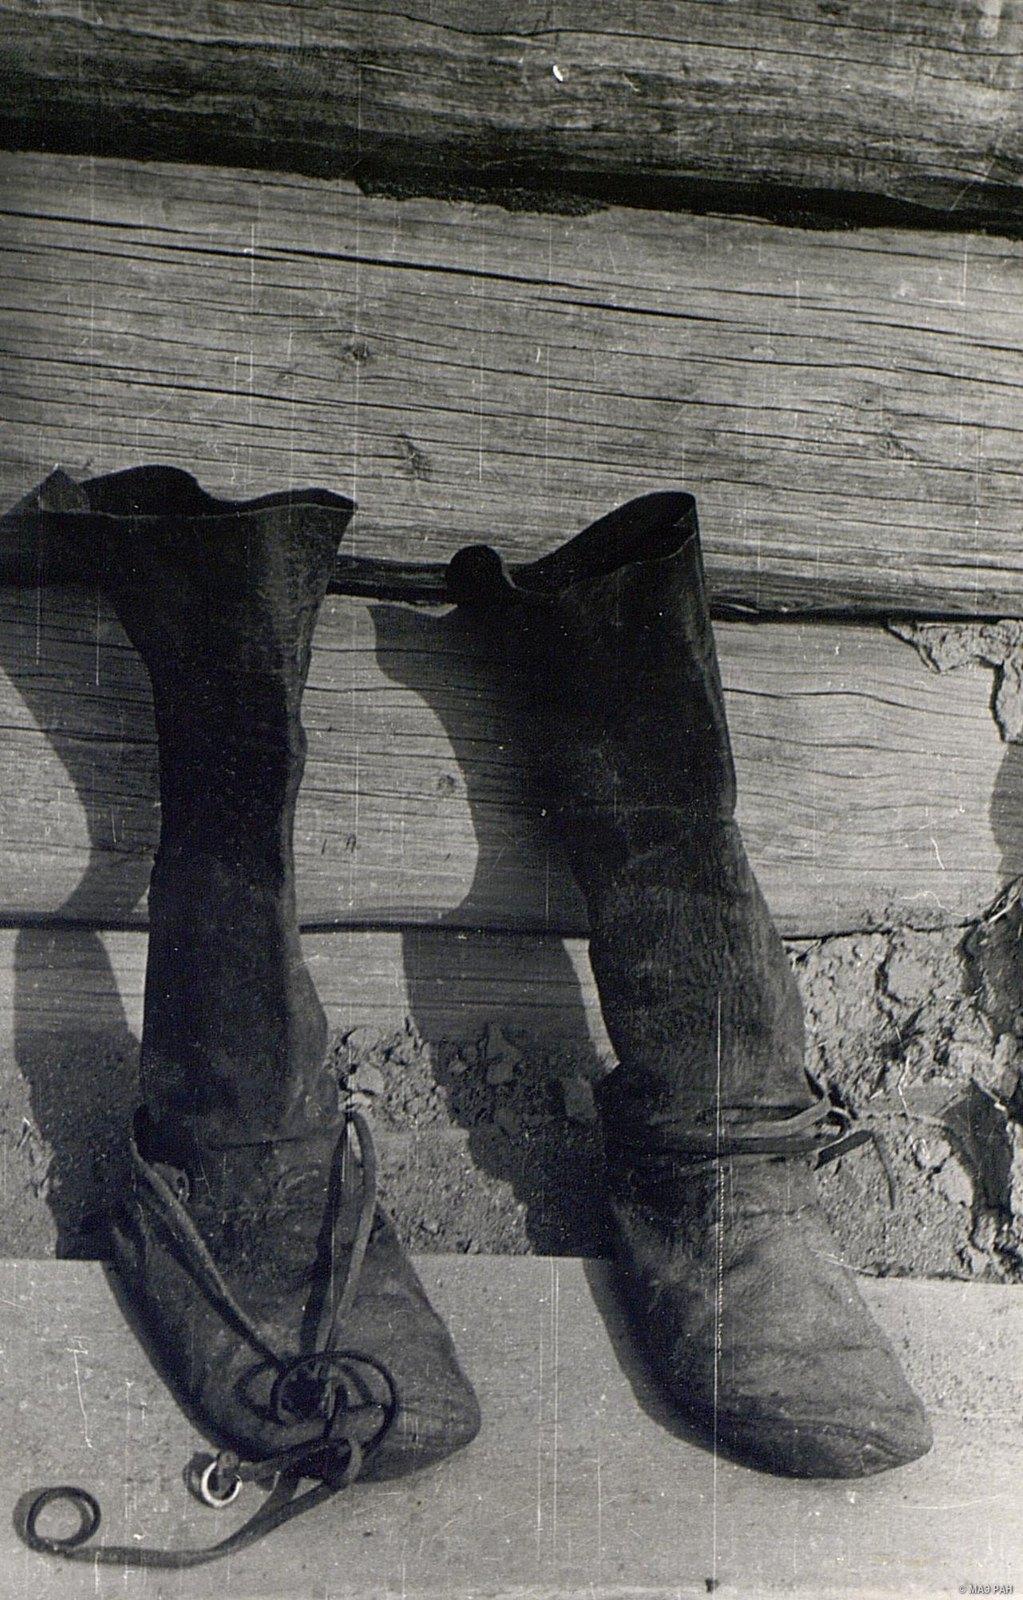 Мужская обувь из сыромятной кожи - чирки с голяшками